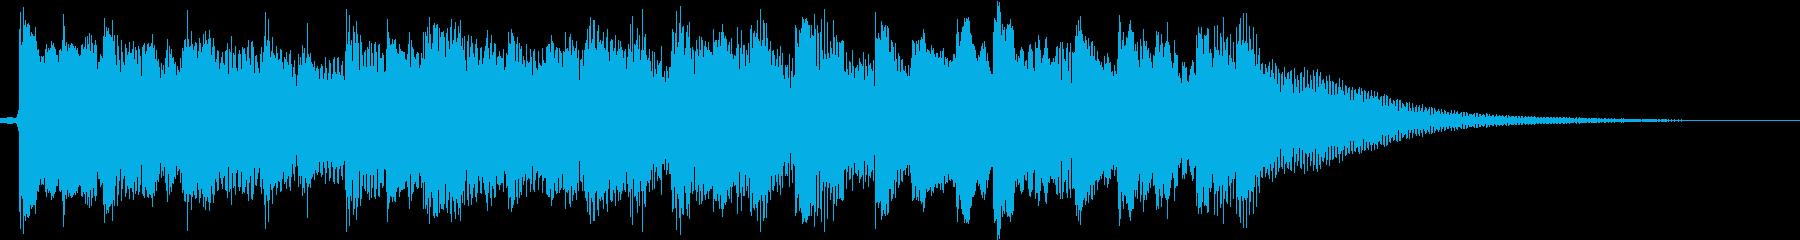 疾走感のある和風ジングル 8秒の再生済みの波形